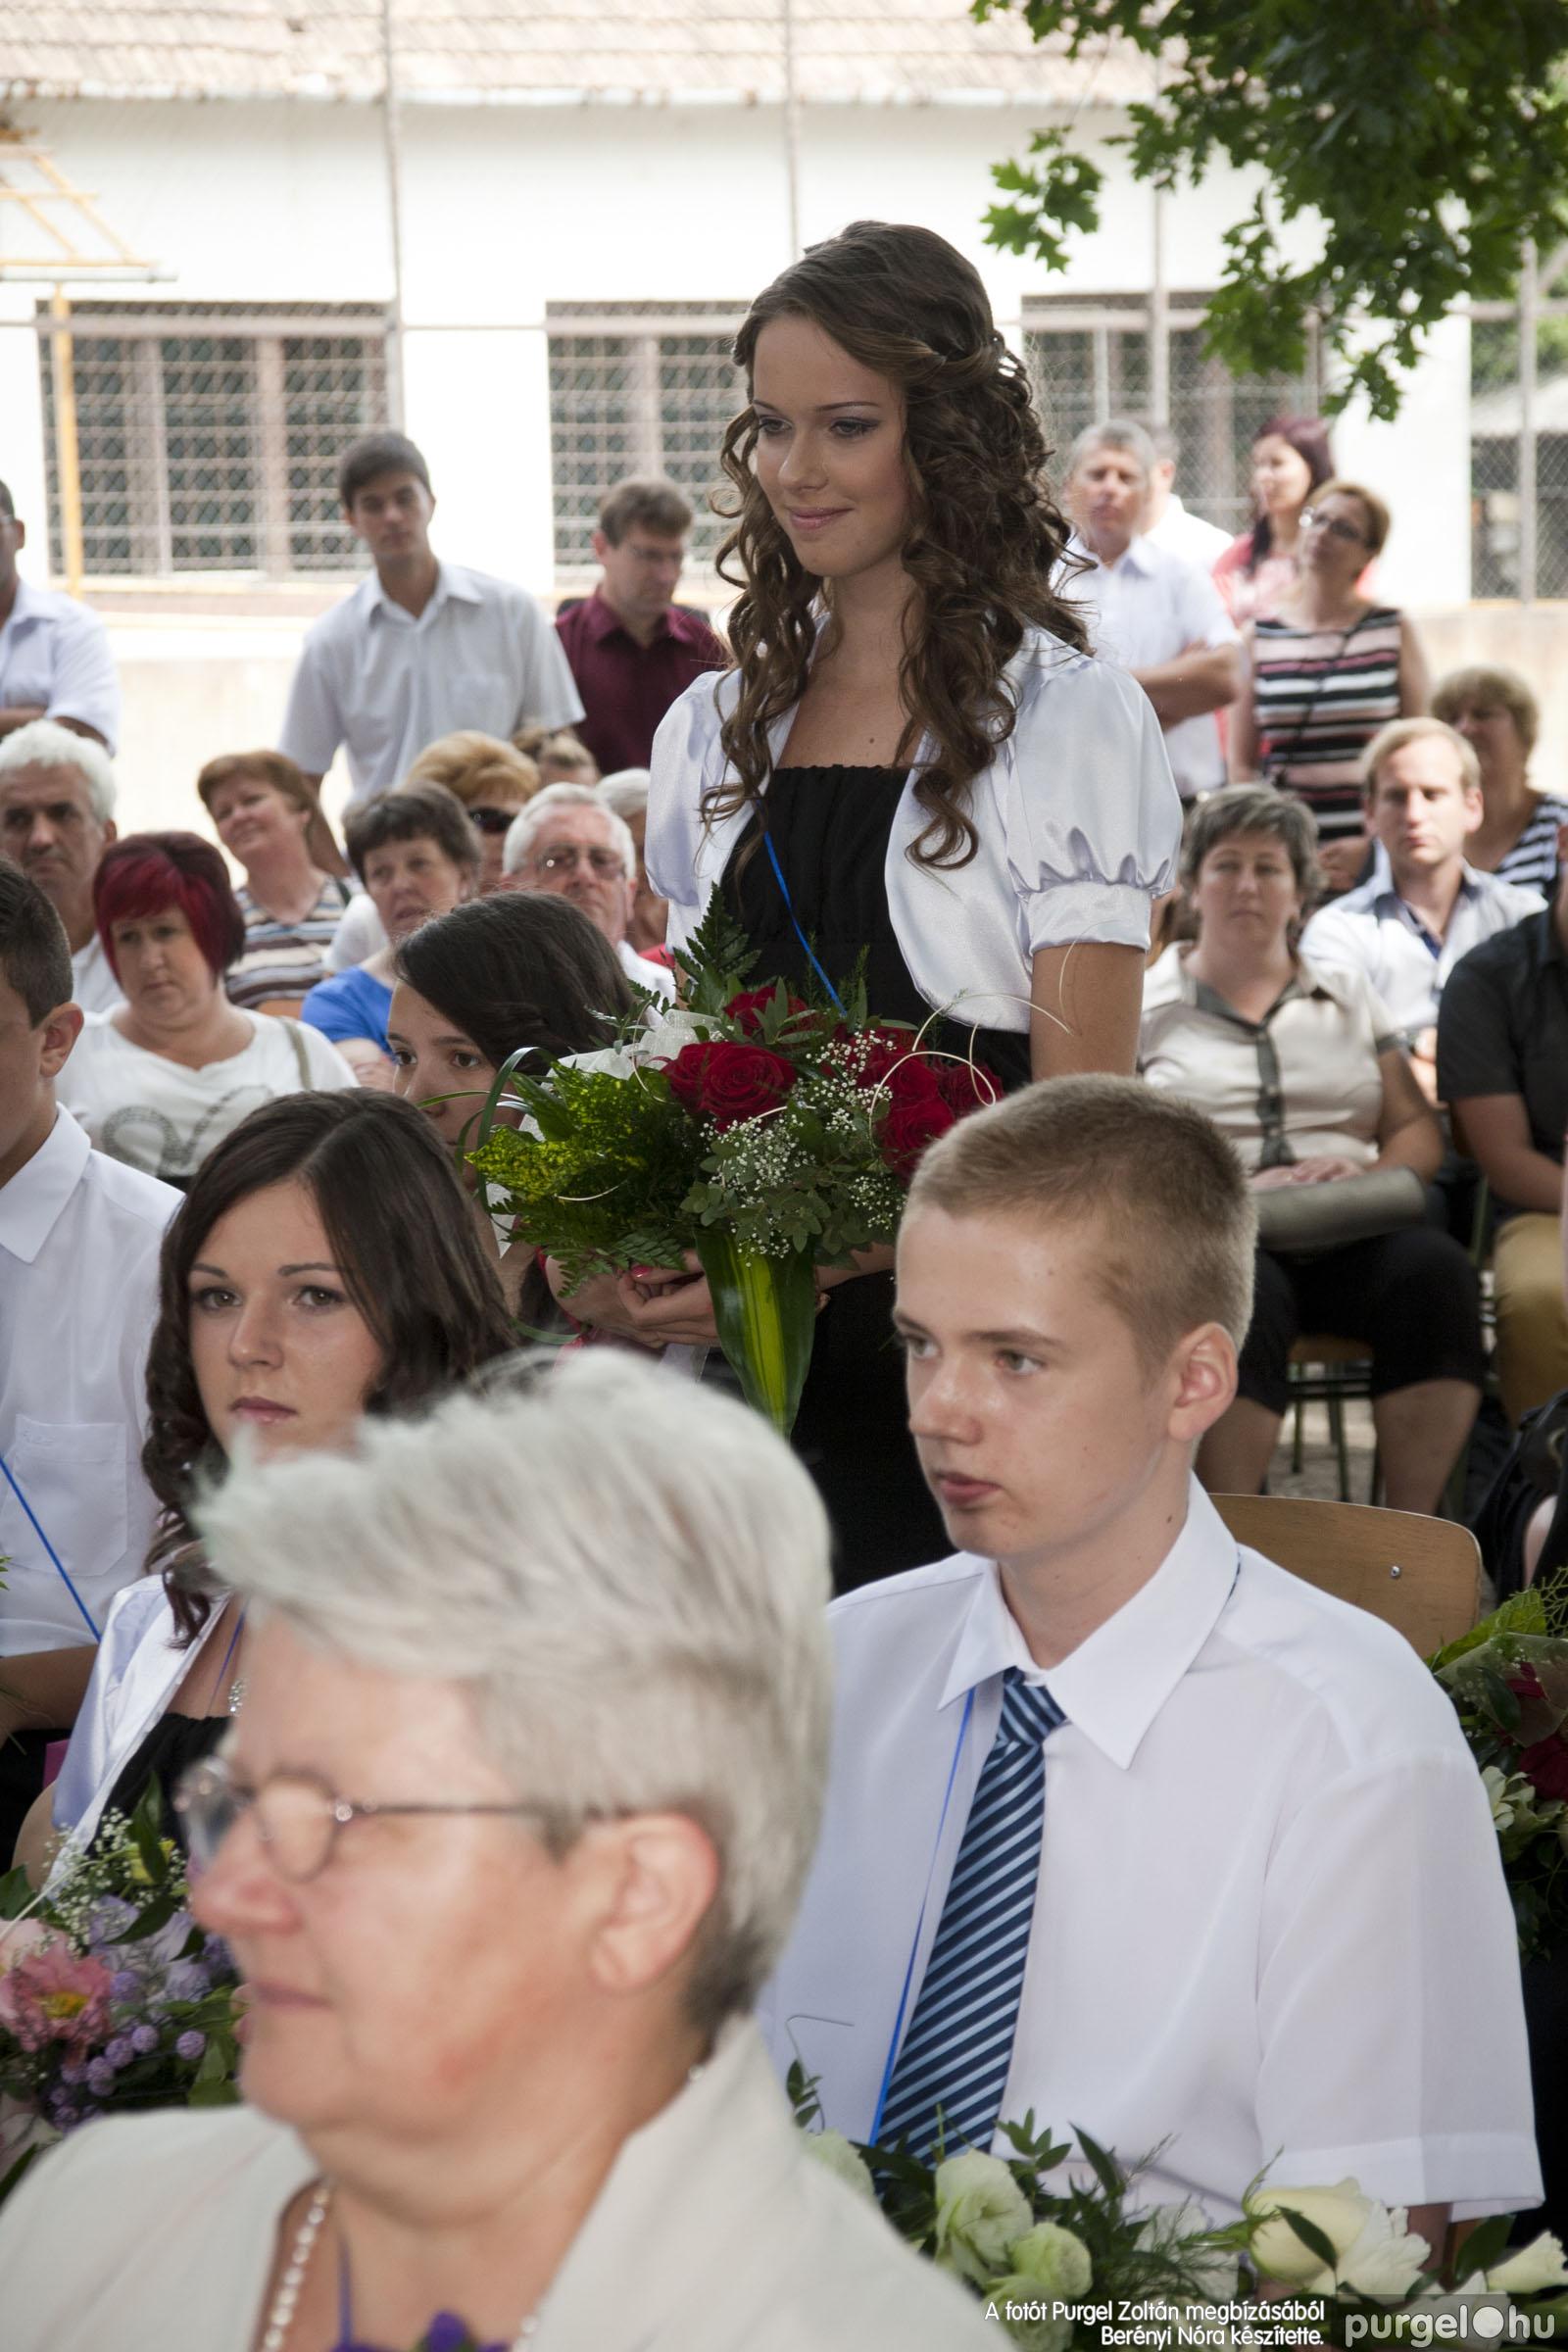 2014.06.14. 198 Forray Máté Általános Iskola ballagás 2014. - Fotó:BERÉNYI NÓRA© _MG_5842.jpg